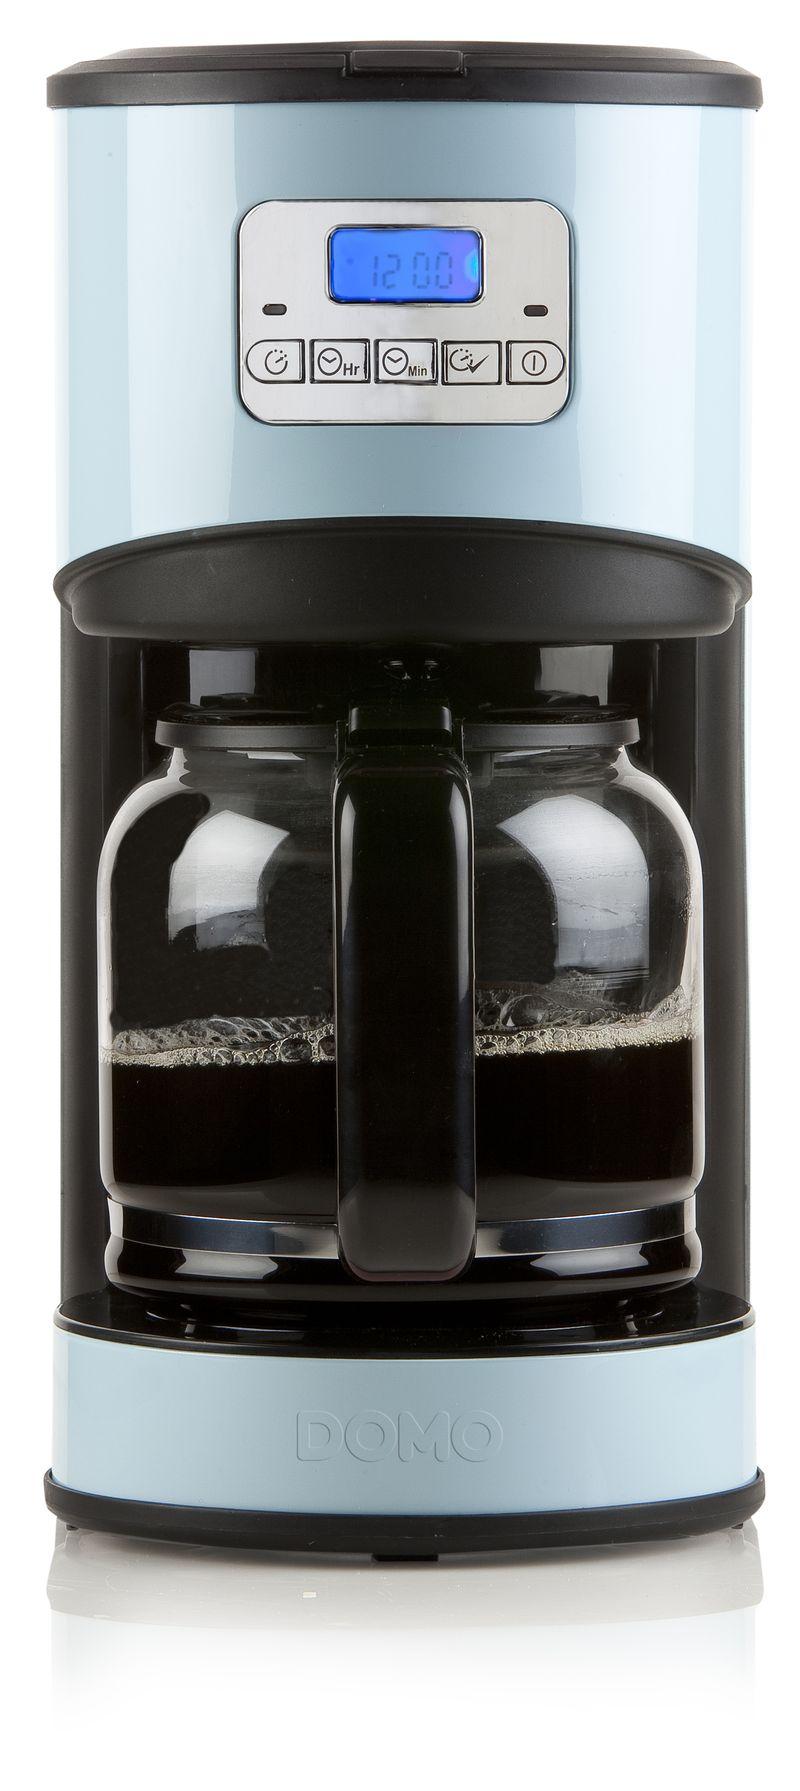 Moderní kávovar - překapávač - DOMO DO478KT, s časovačem, modrý + doprava zdarma